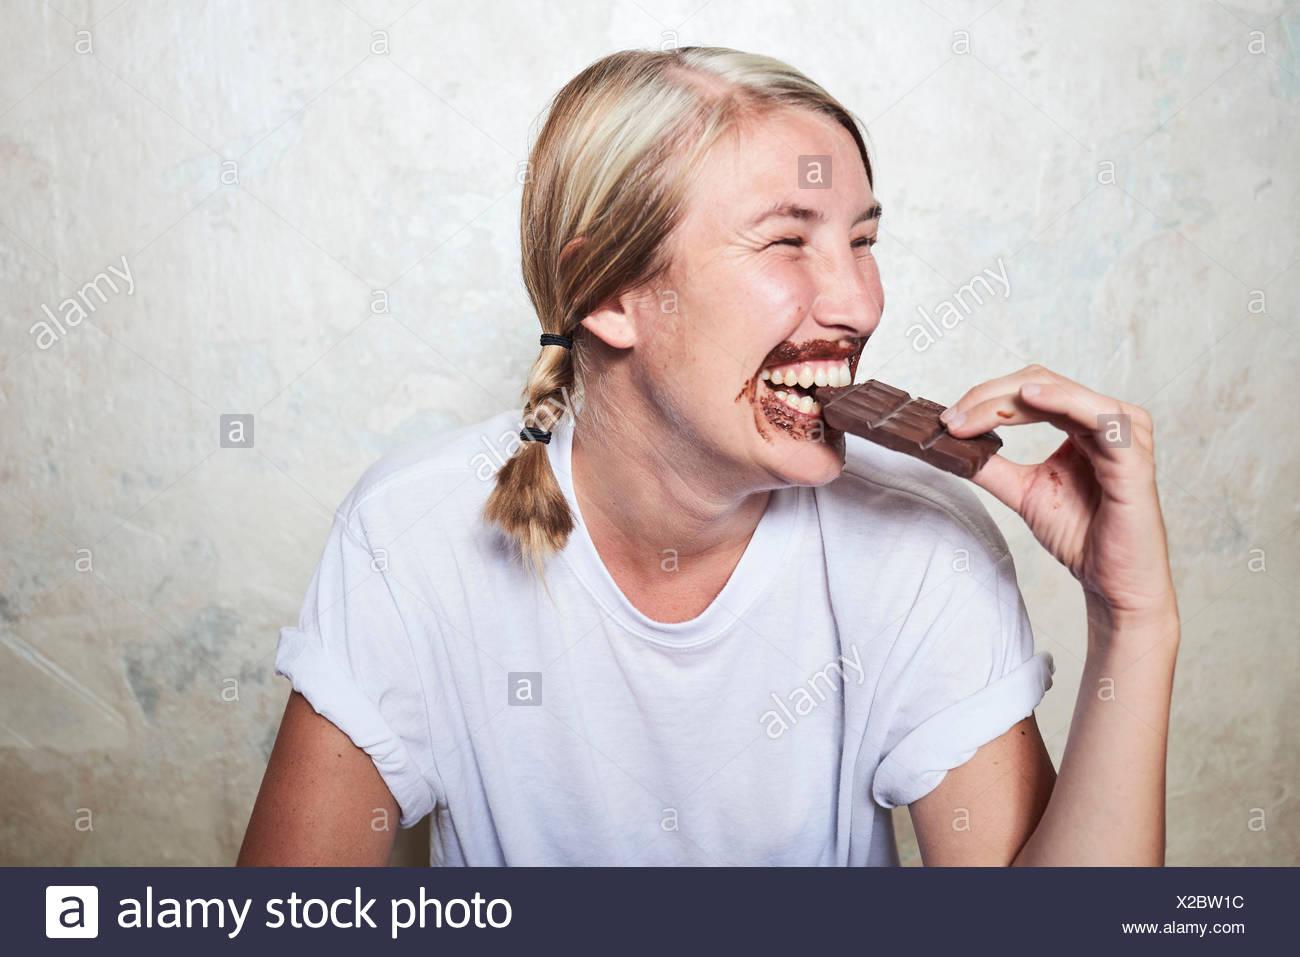 Donna di mangiare bar di cioccolato, cioccolato attorno alla bocca, ridendo Immagini Stock